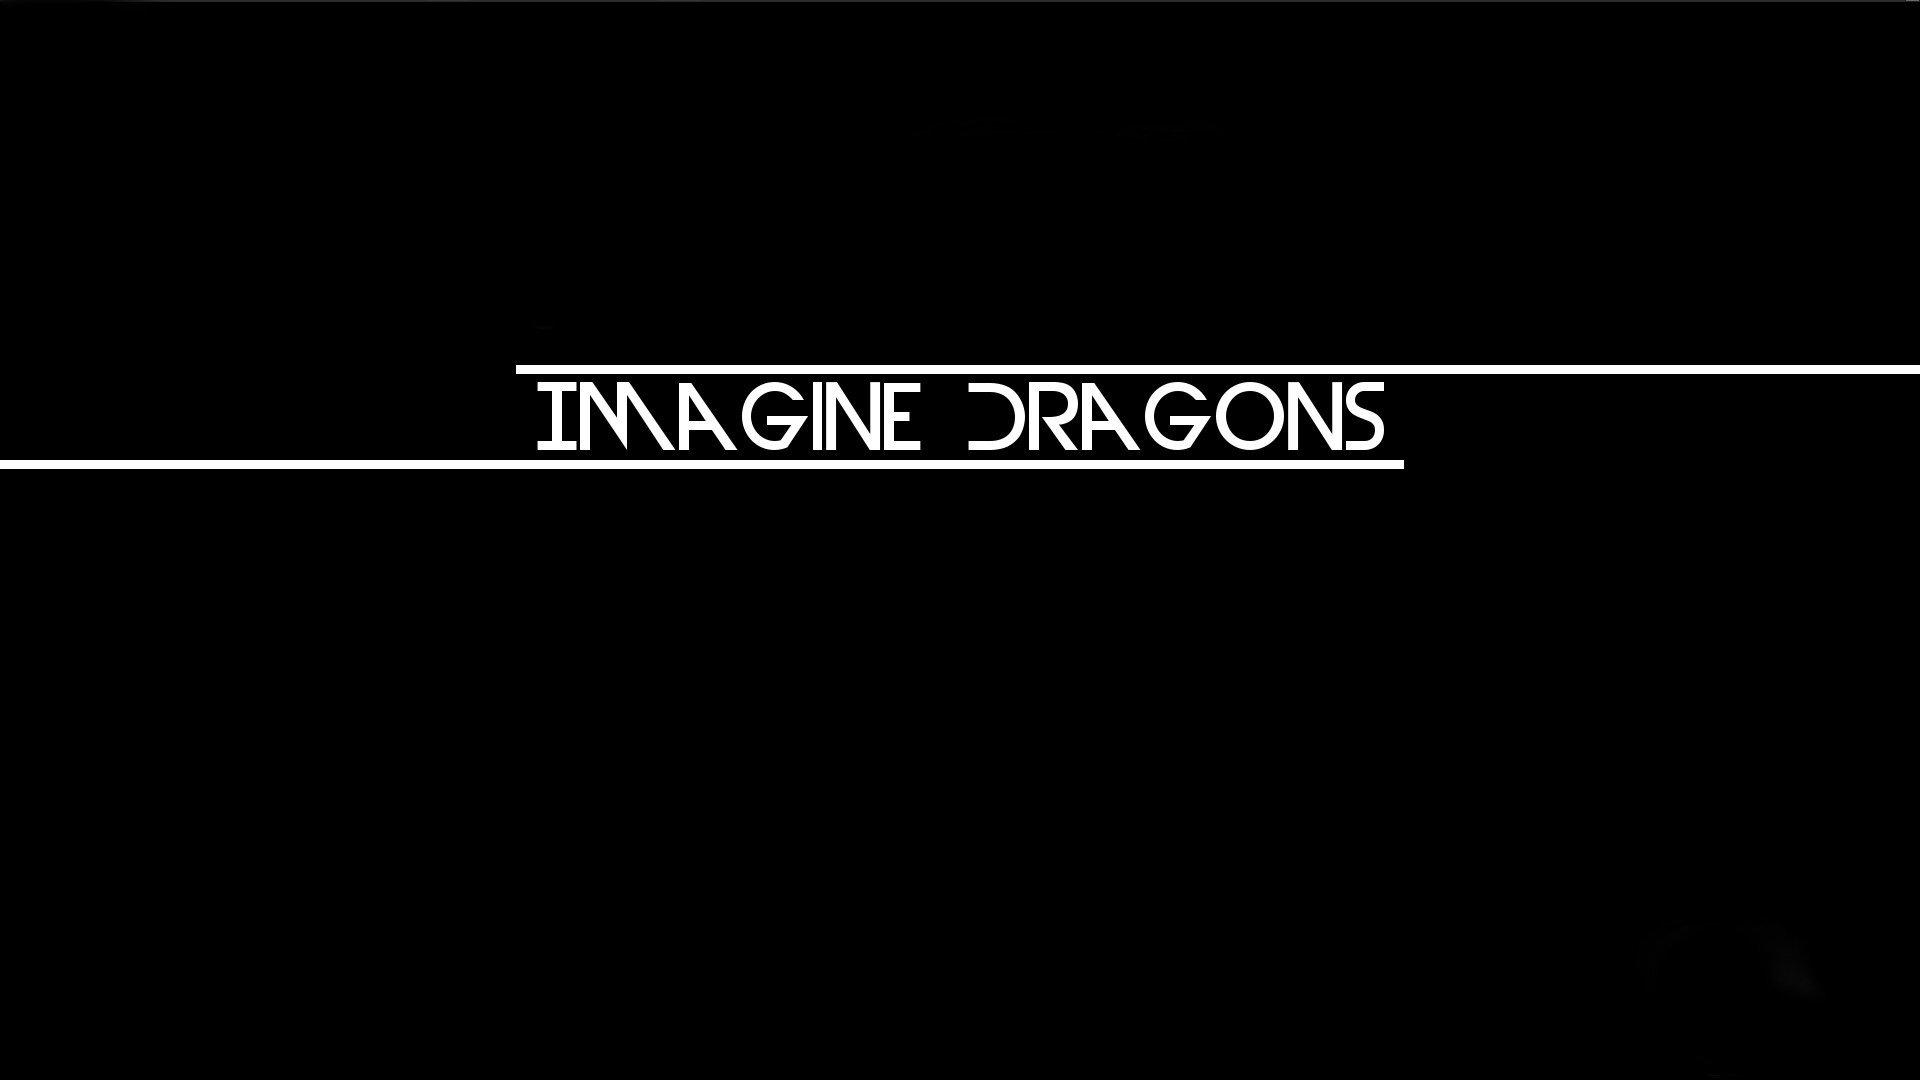 Free Download Imagine Dragons Wallpaper Id324295 Full Hd For Desktop